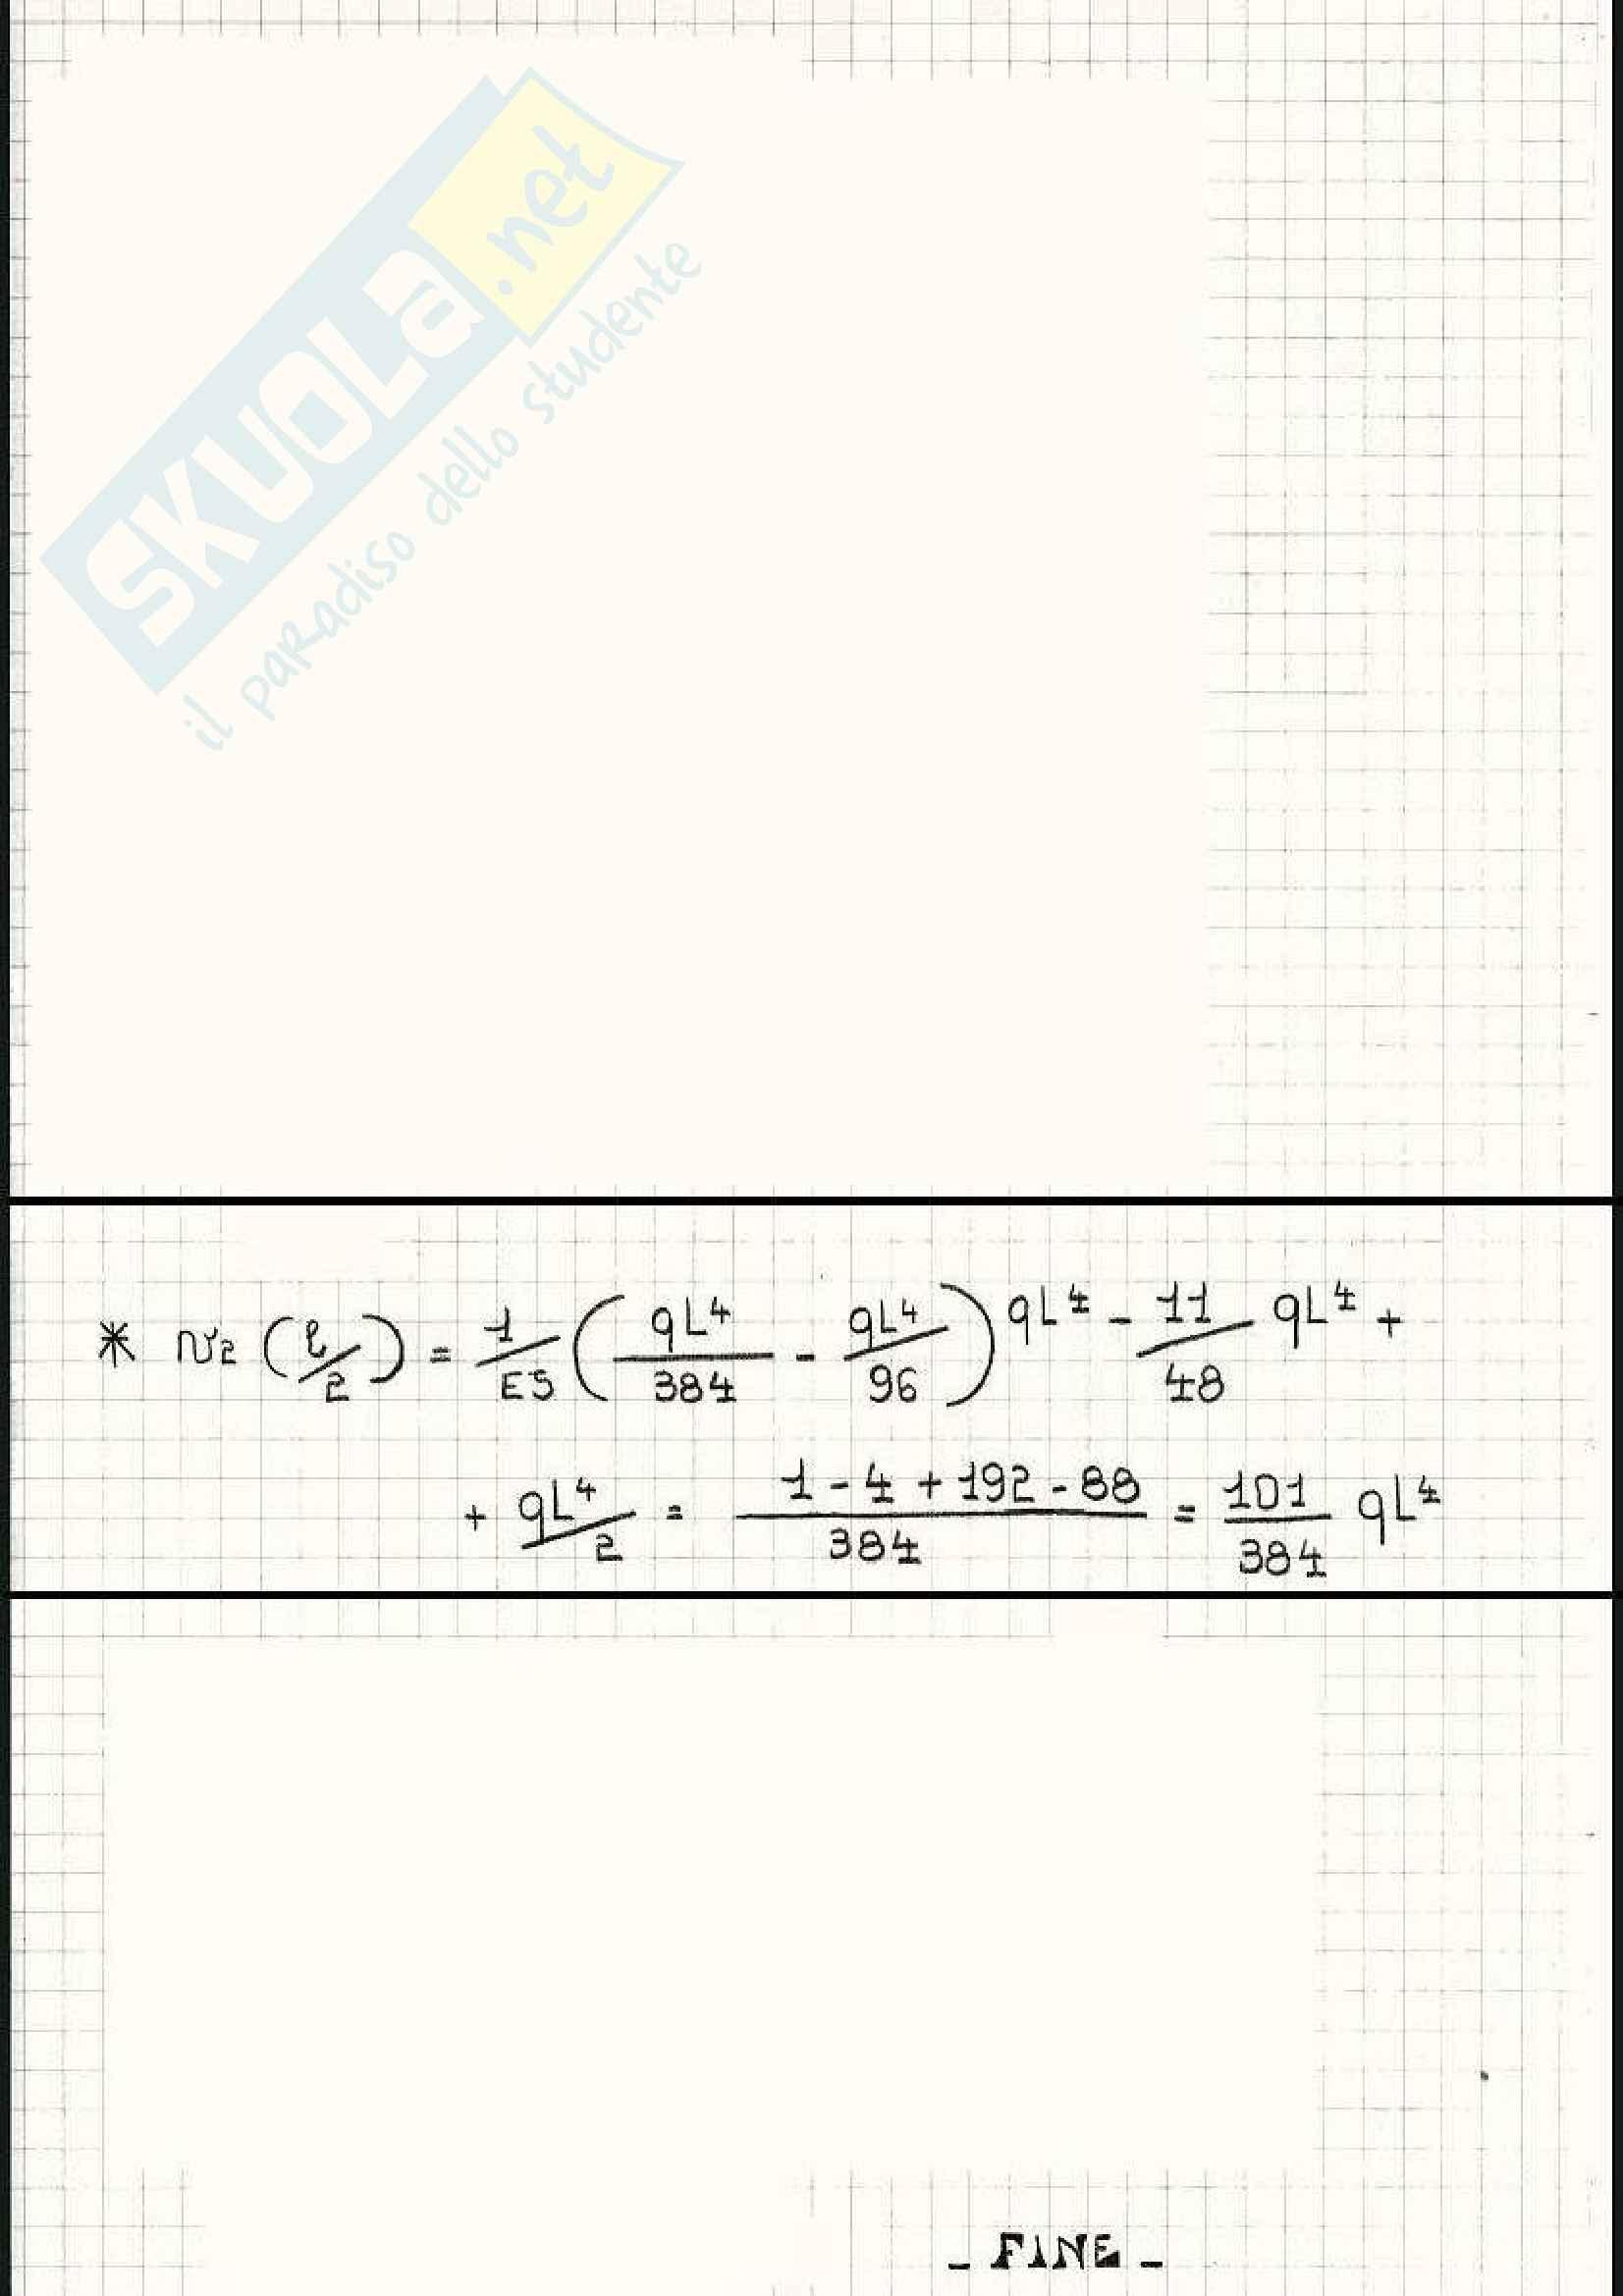 Scienza delle costruzioni - Esercizi sulla linea elastica e Mohr Pag. 16